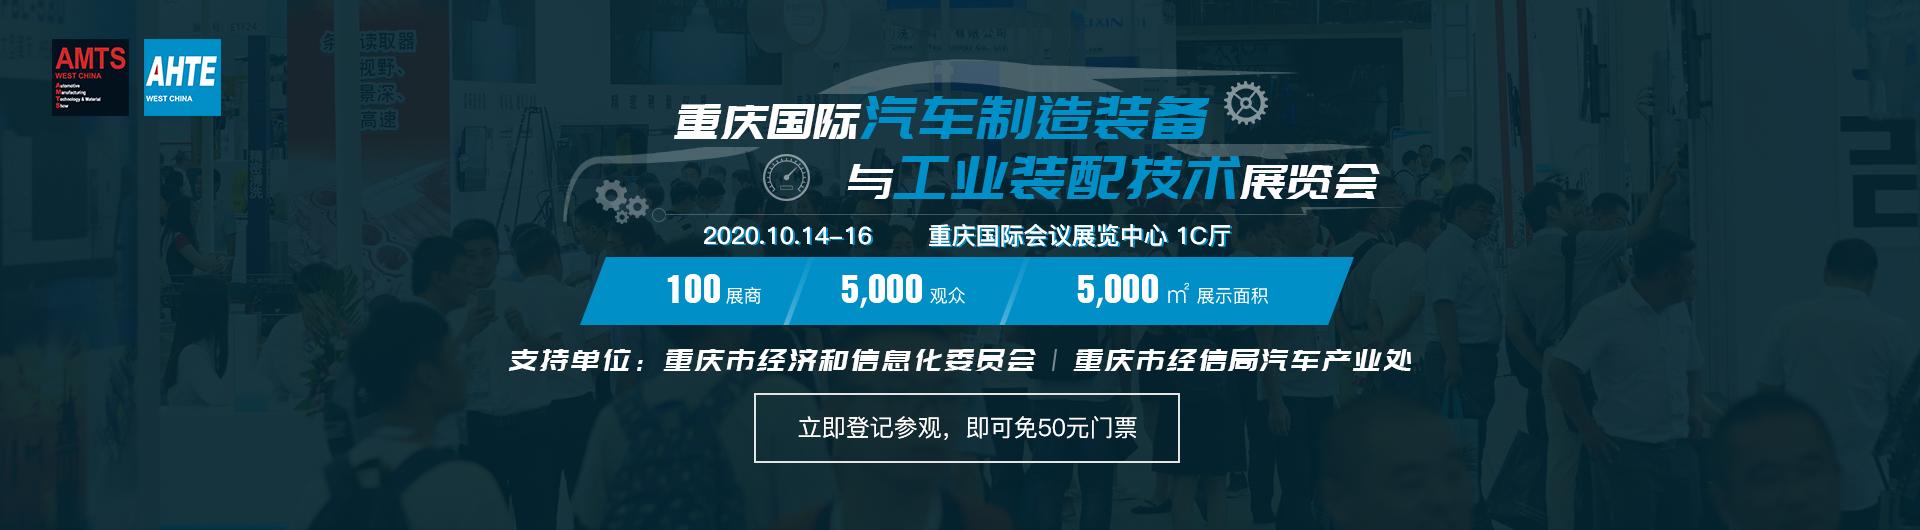 2020 重庆预登记 中文